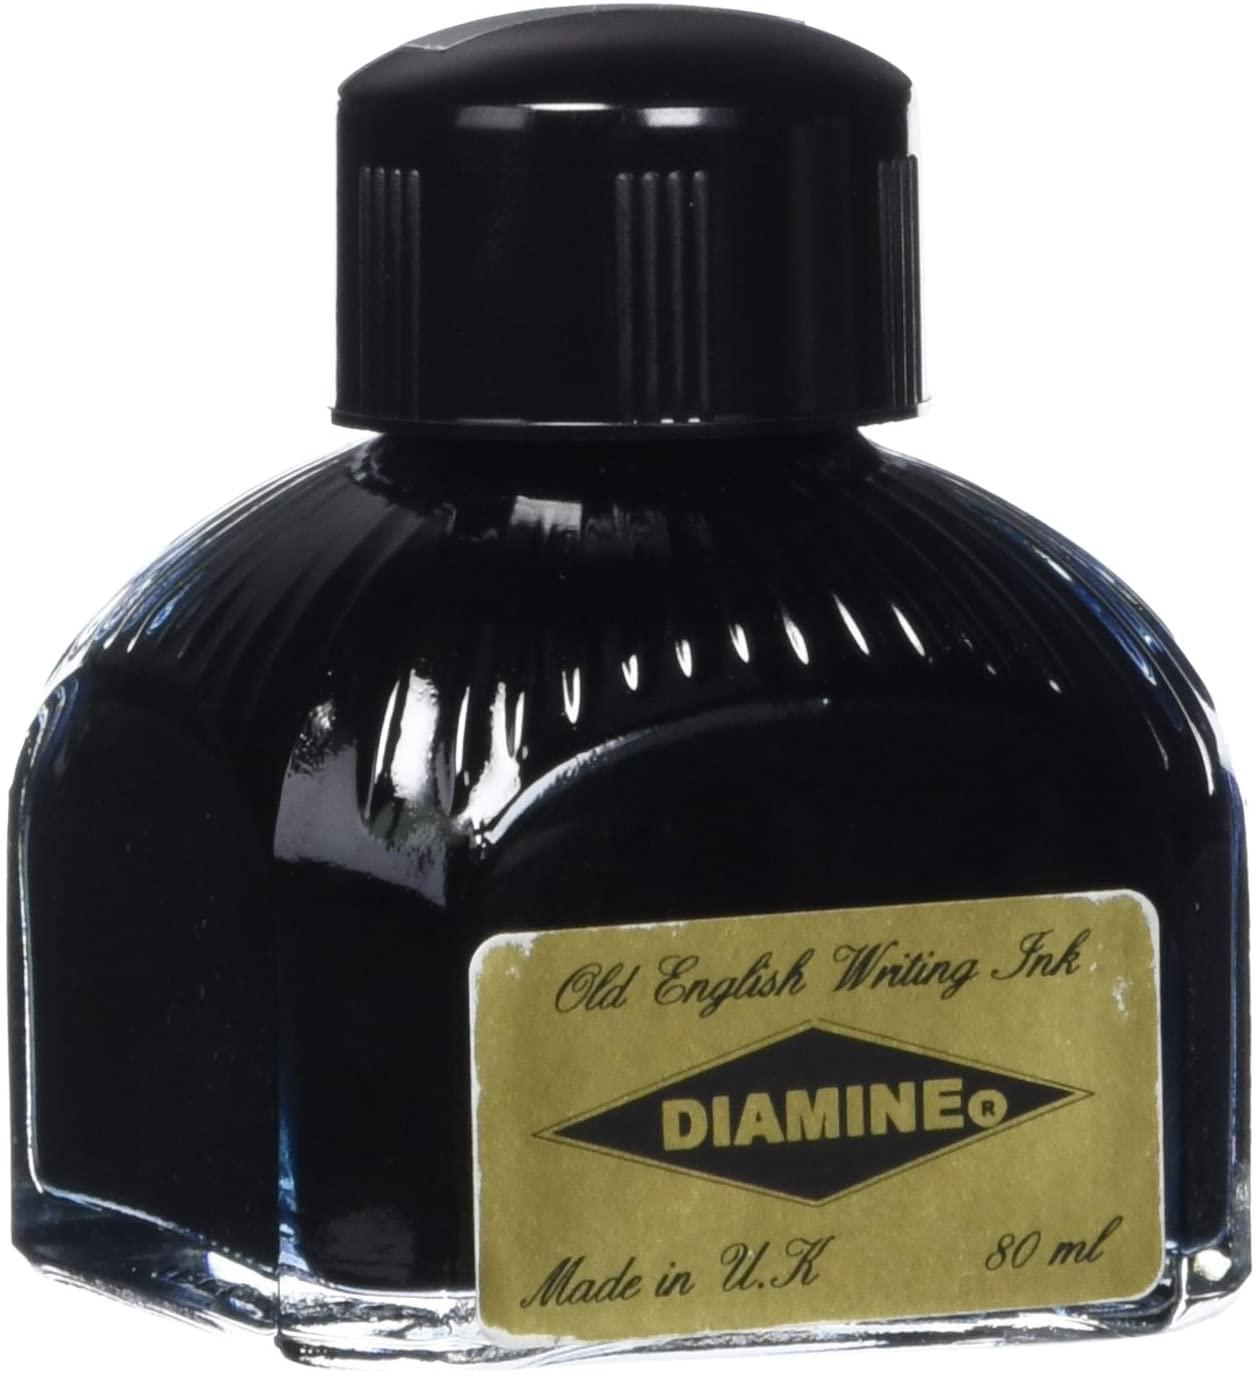 Diamine - Fountain Pen Ink, Midnight 80ml